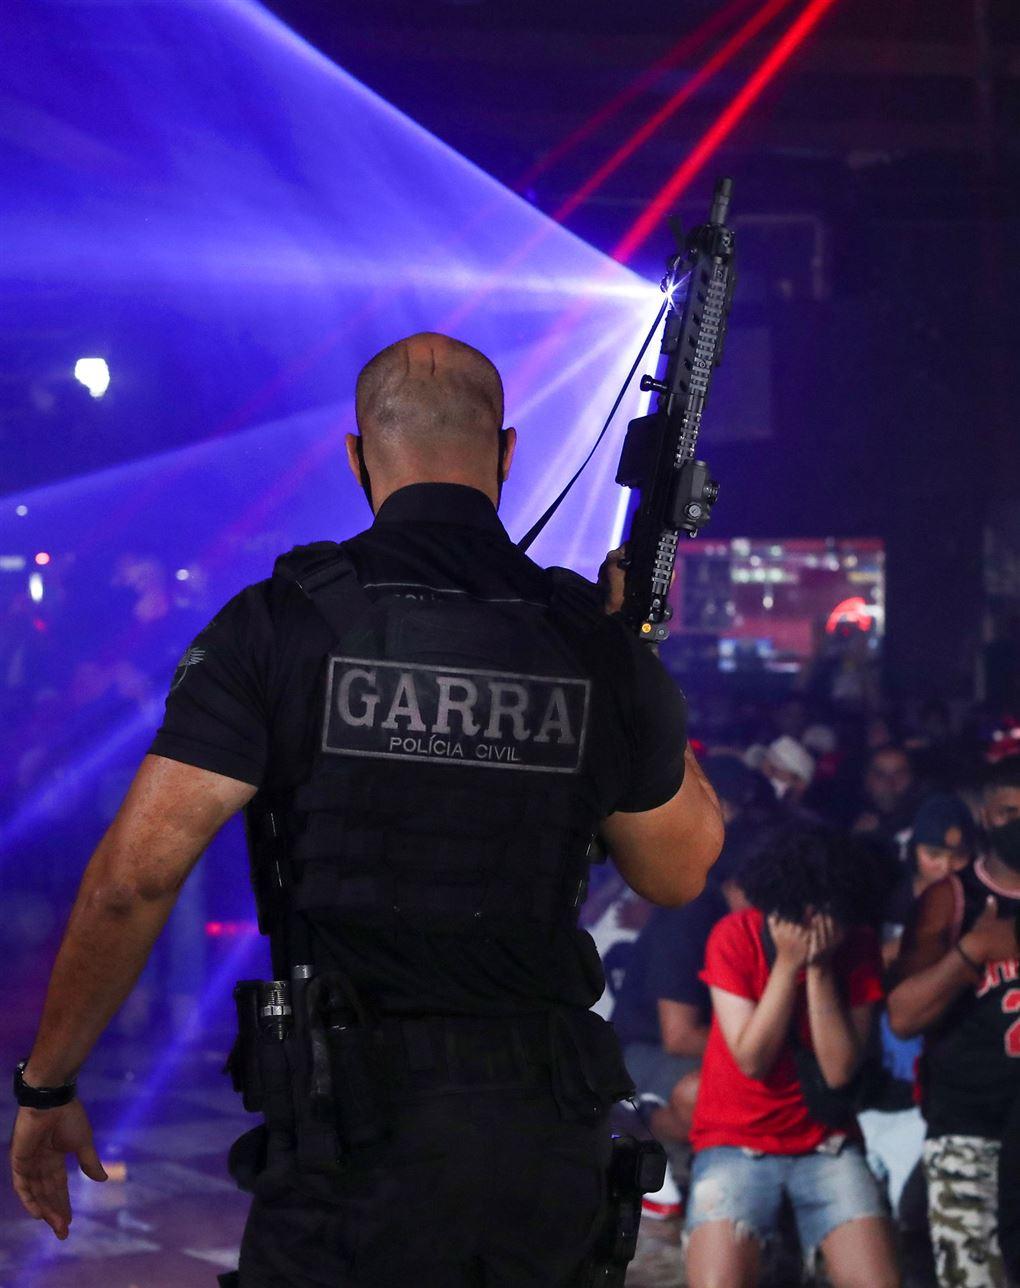 Billede fra politiets aktion